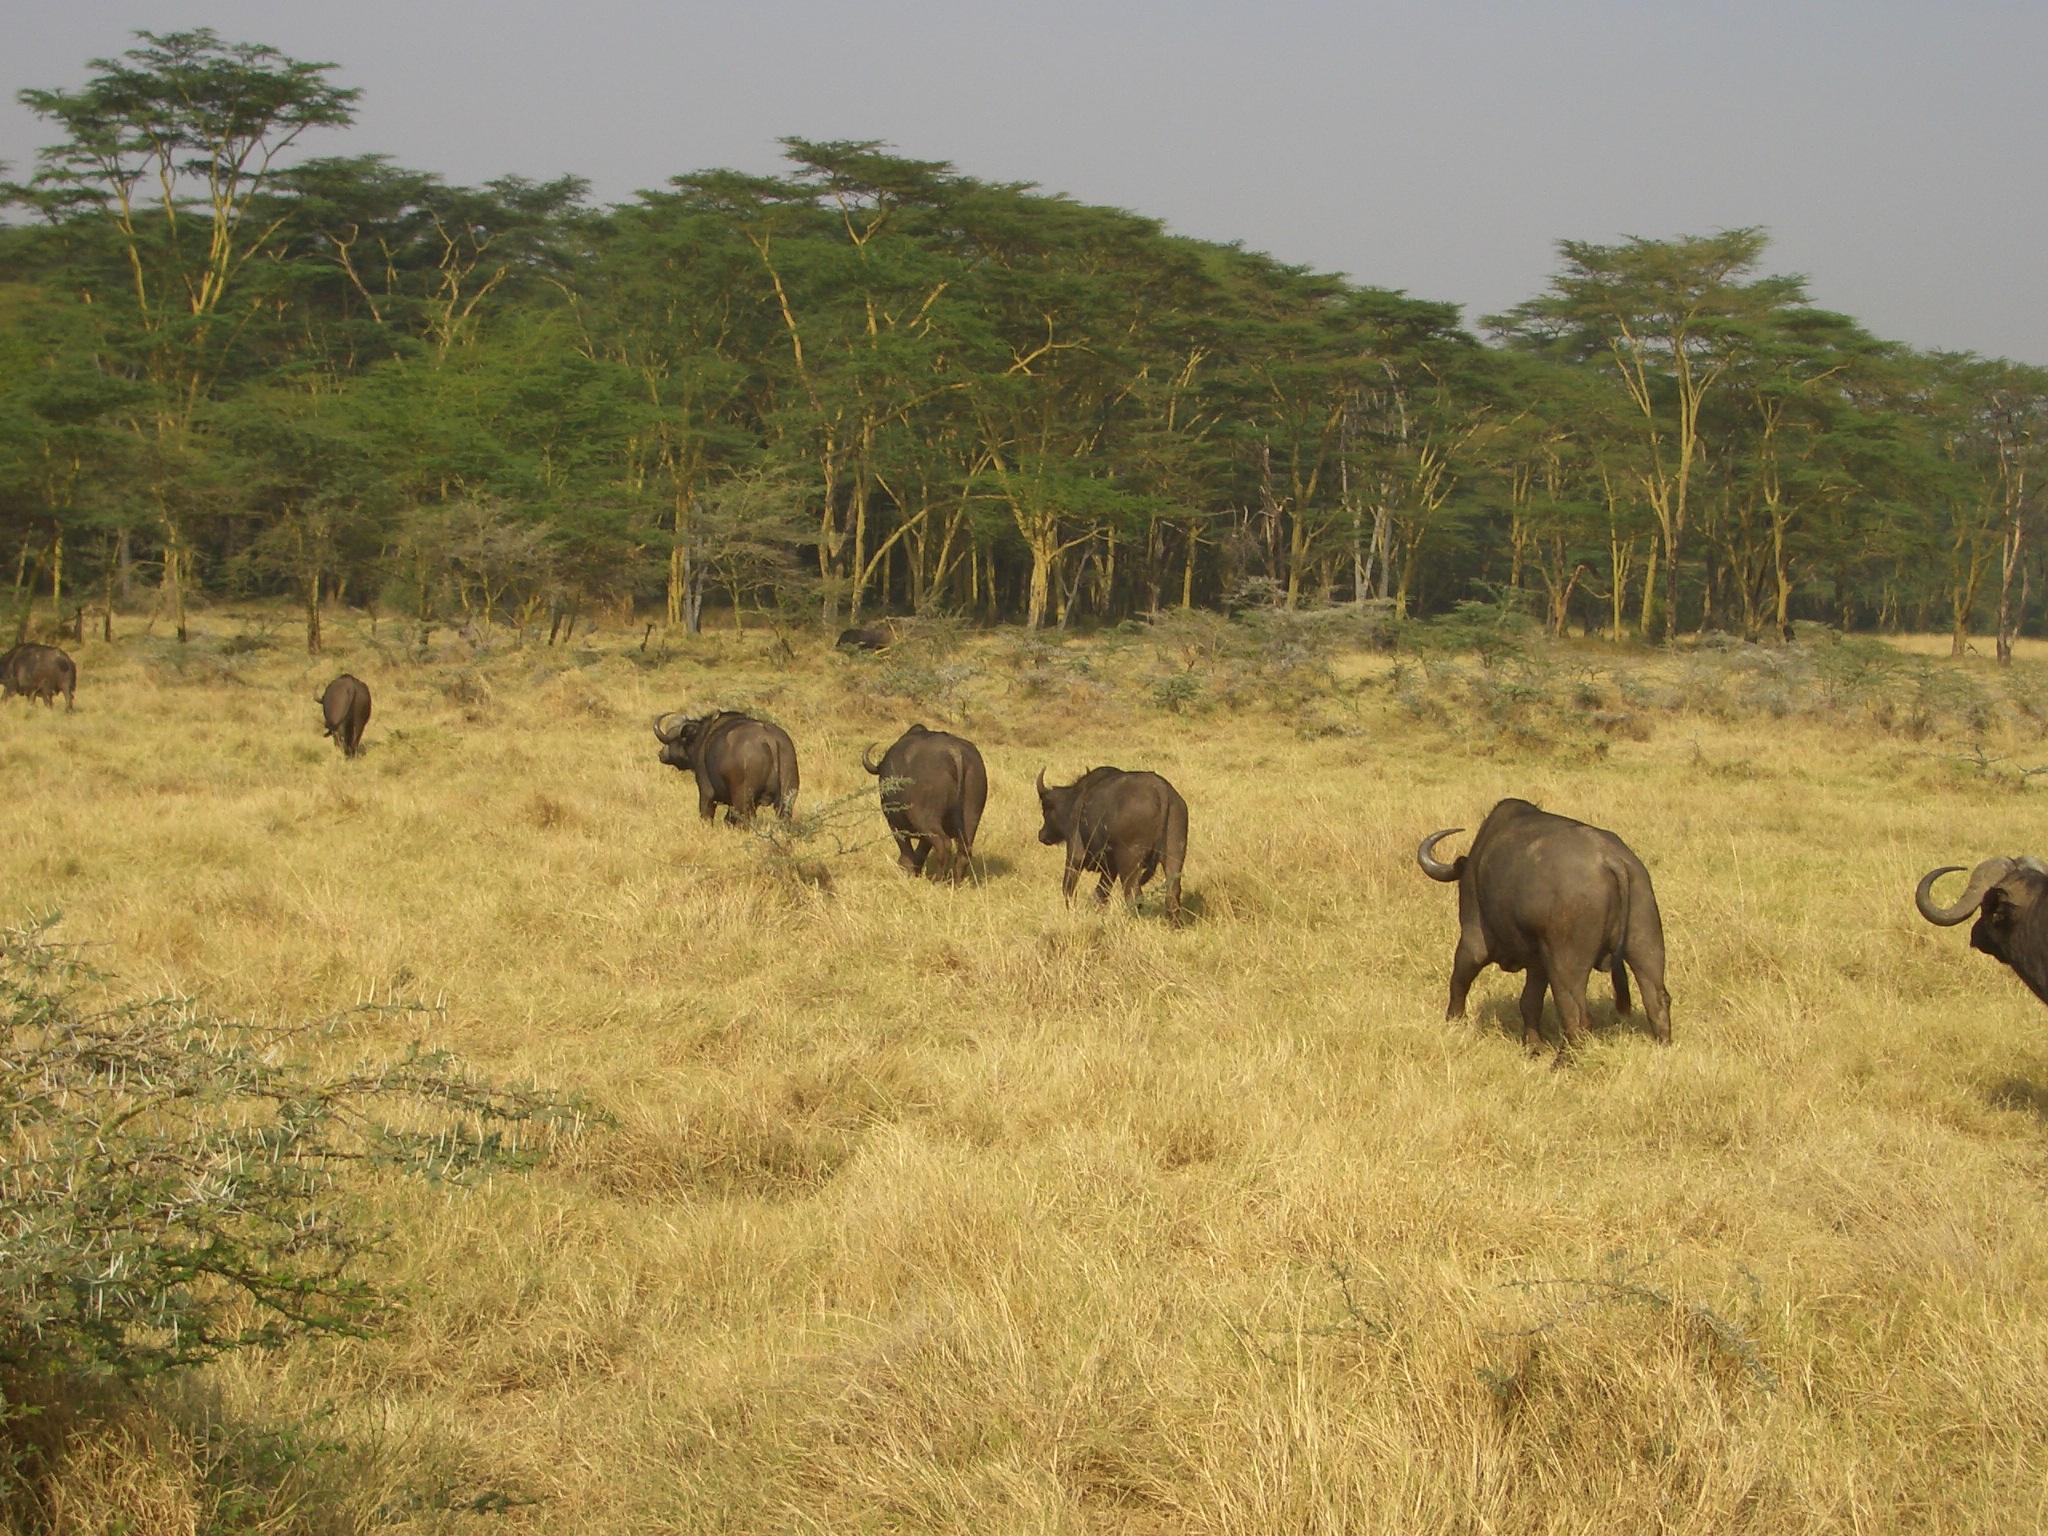 非洲水牛在草地上安静地徜徉;盐水湖